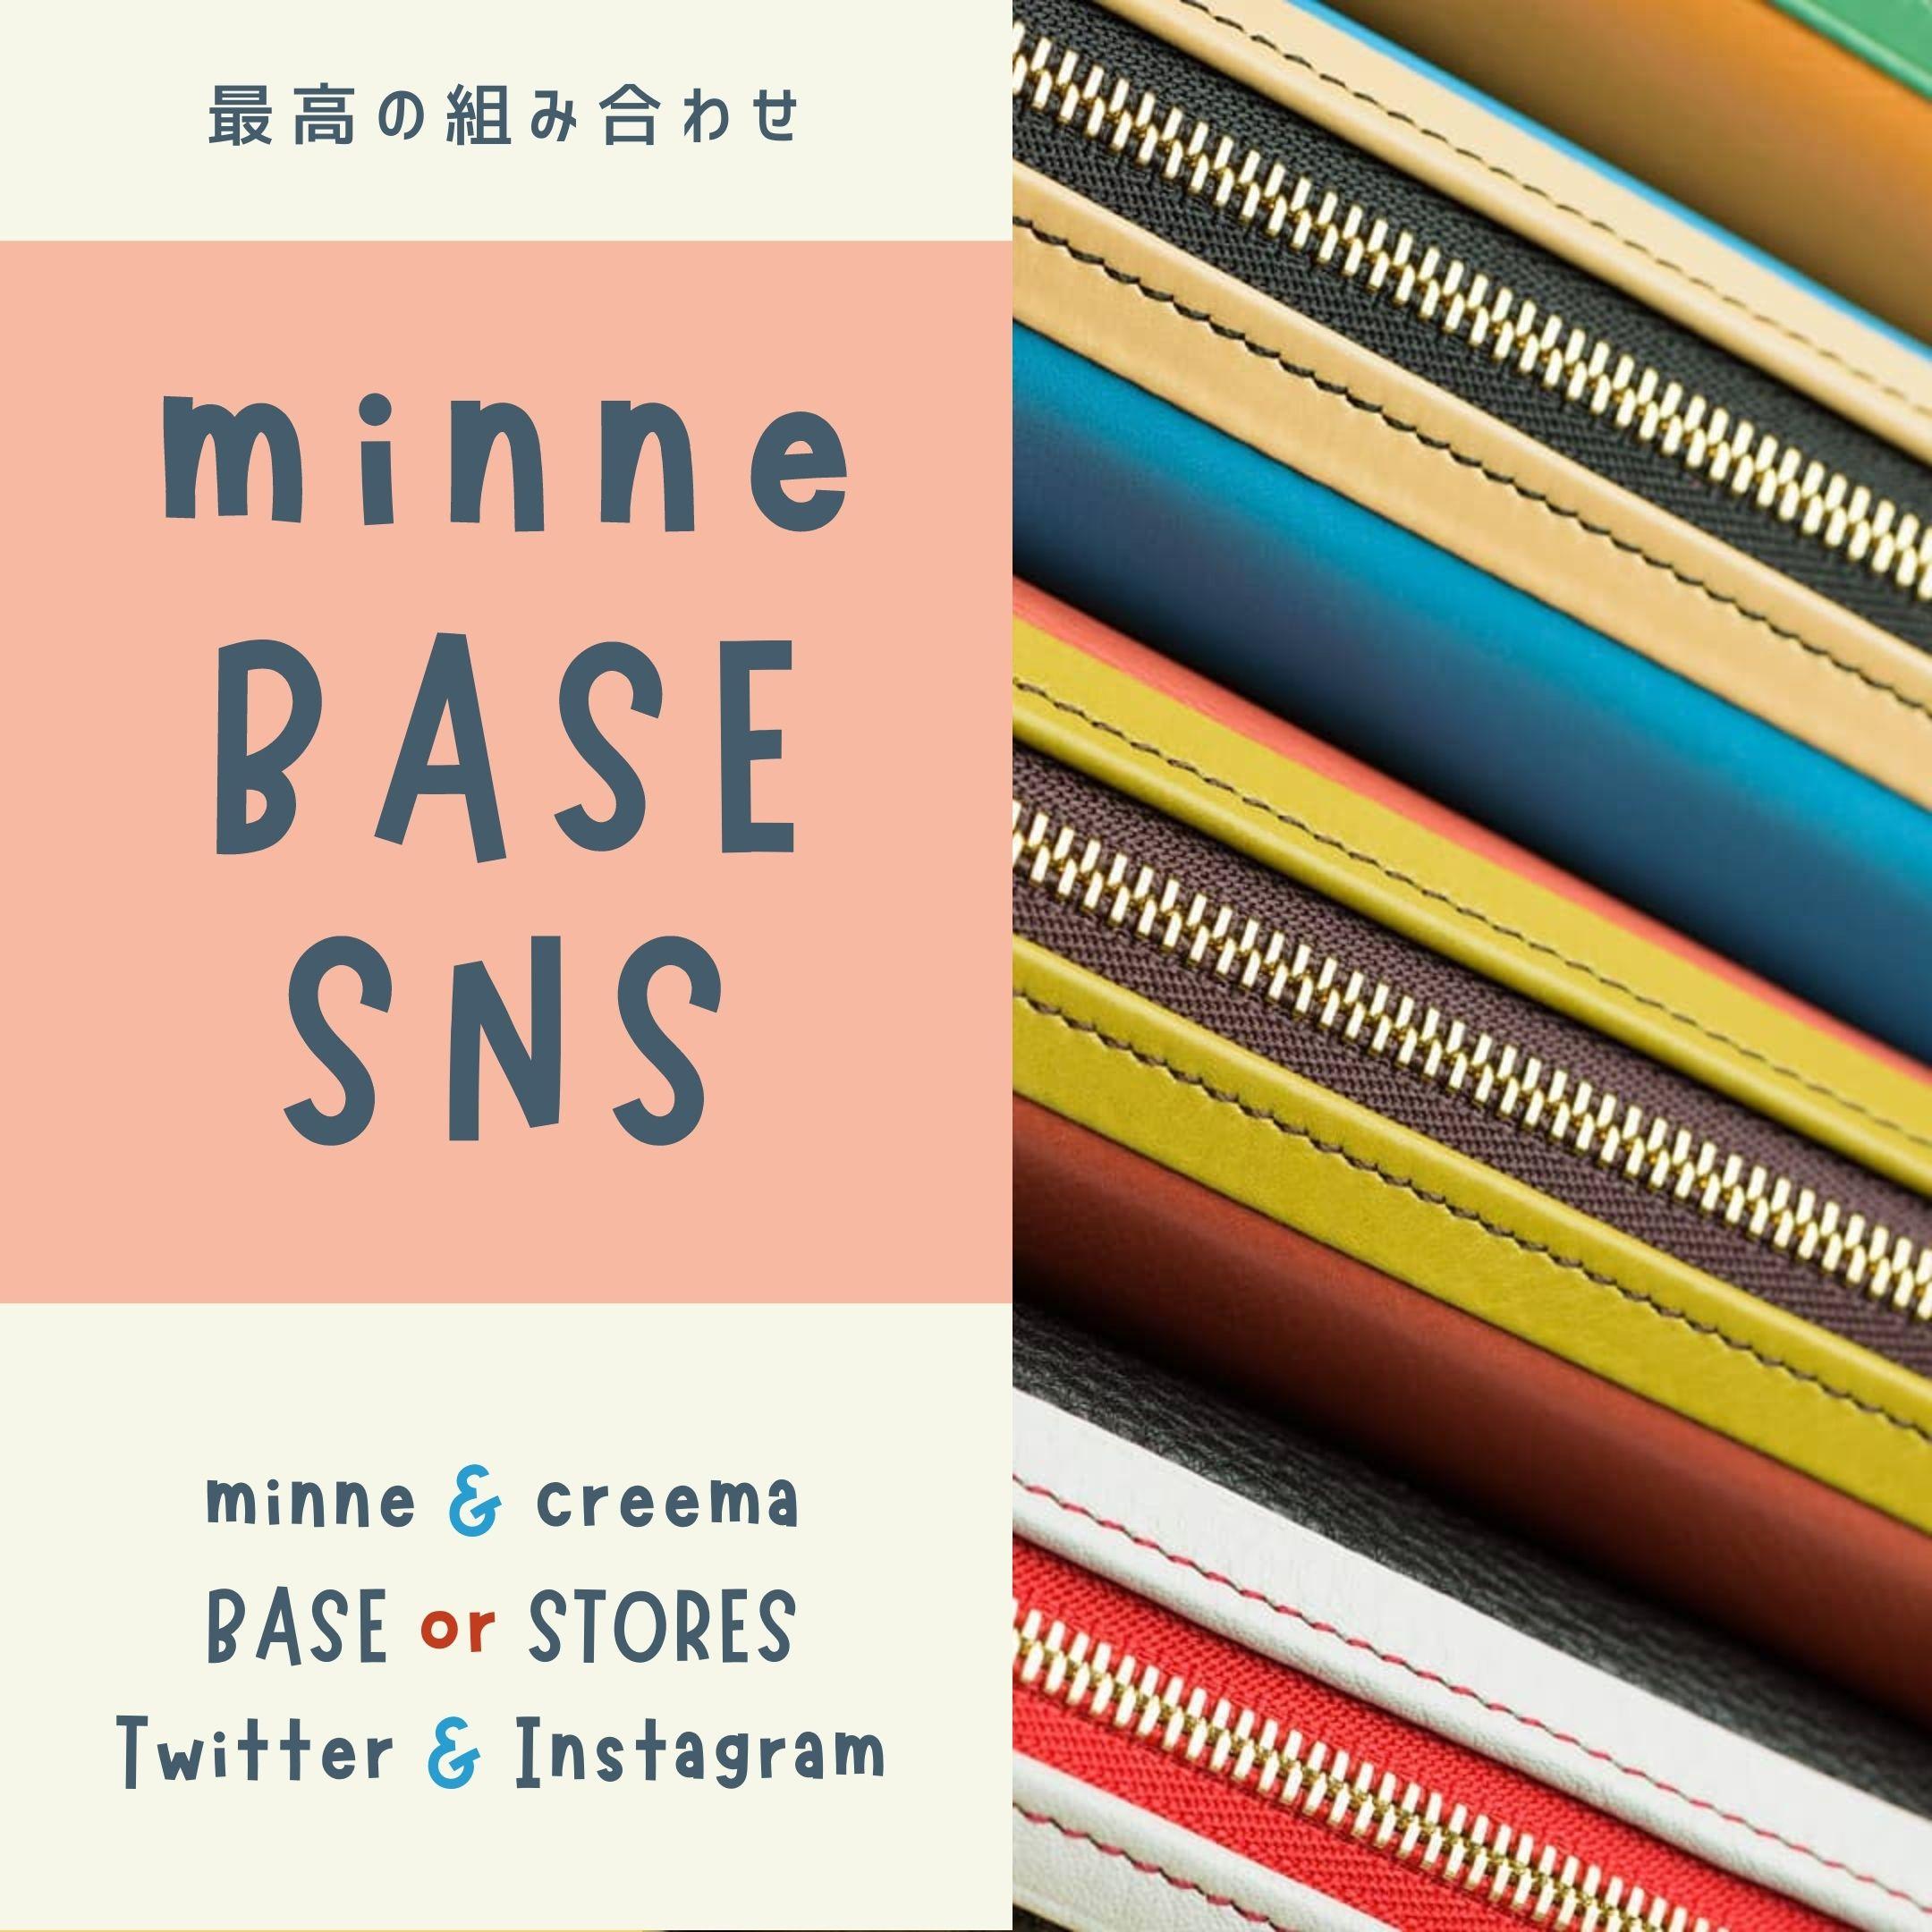 ミンネとBASEとSNSの組み合わせがハンドメイド販売におすすめ